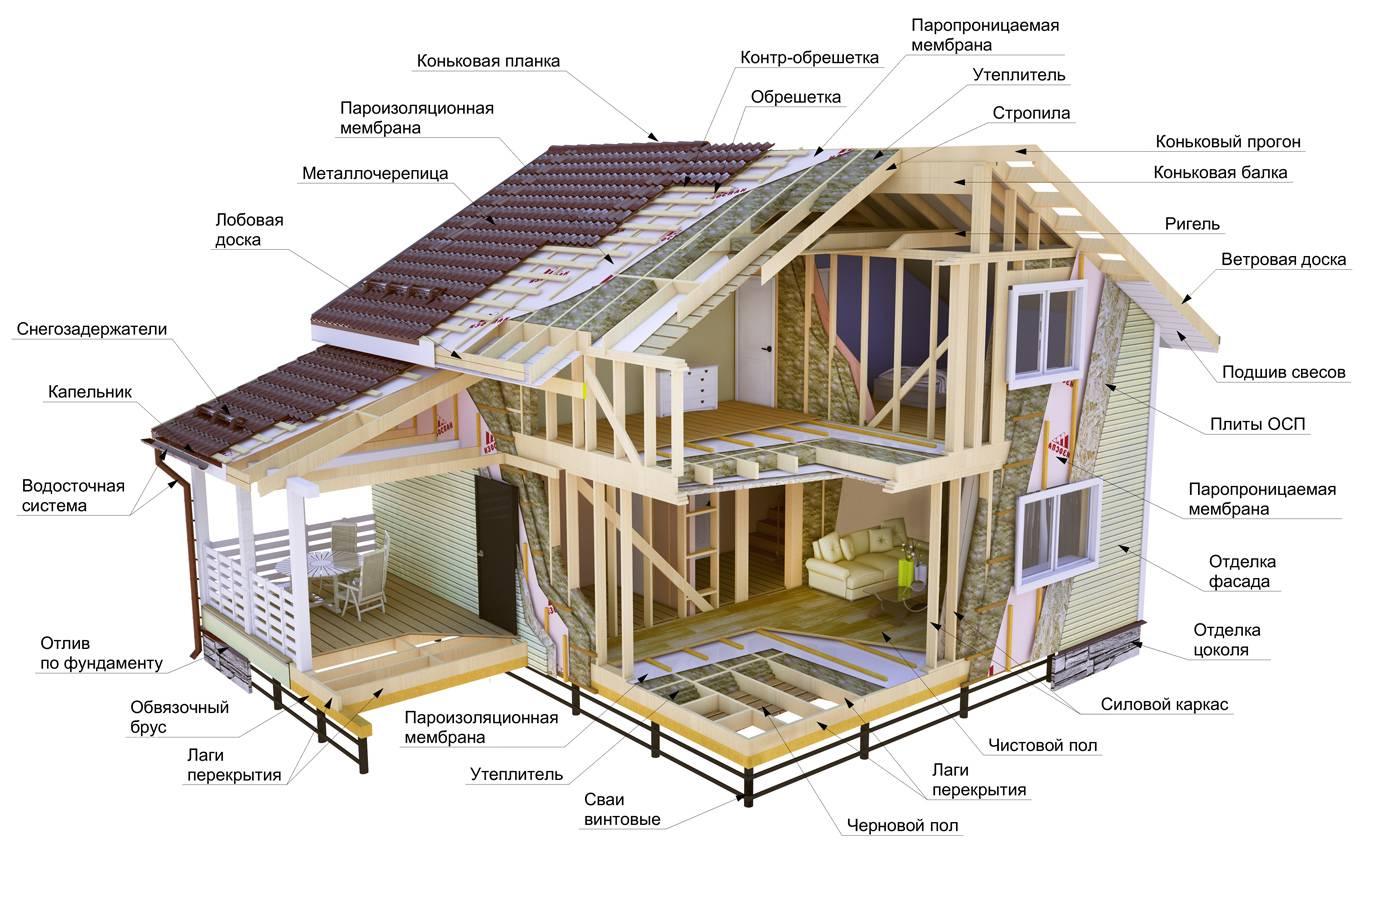 Каркасные дома: плюсы и минусы, отзывы владельцев и мнения экспертов о технологии